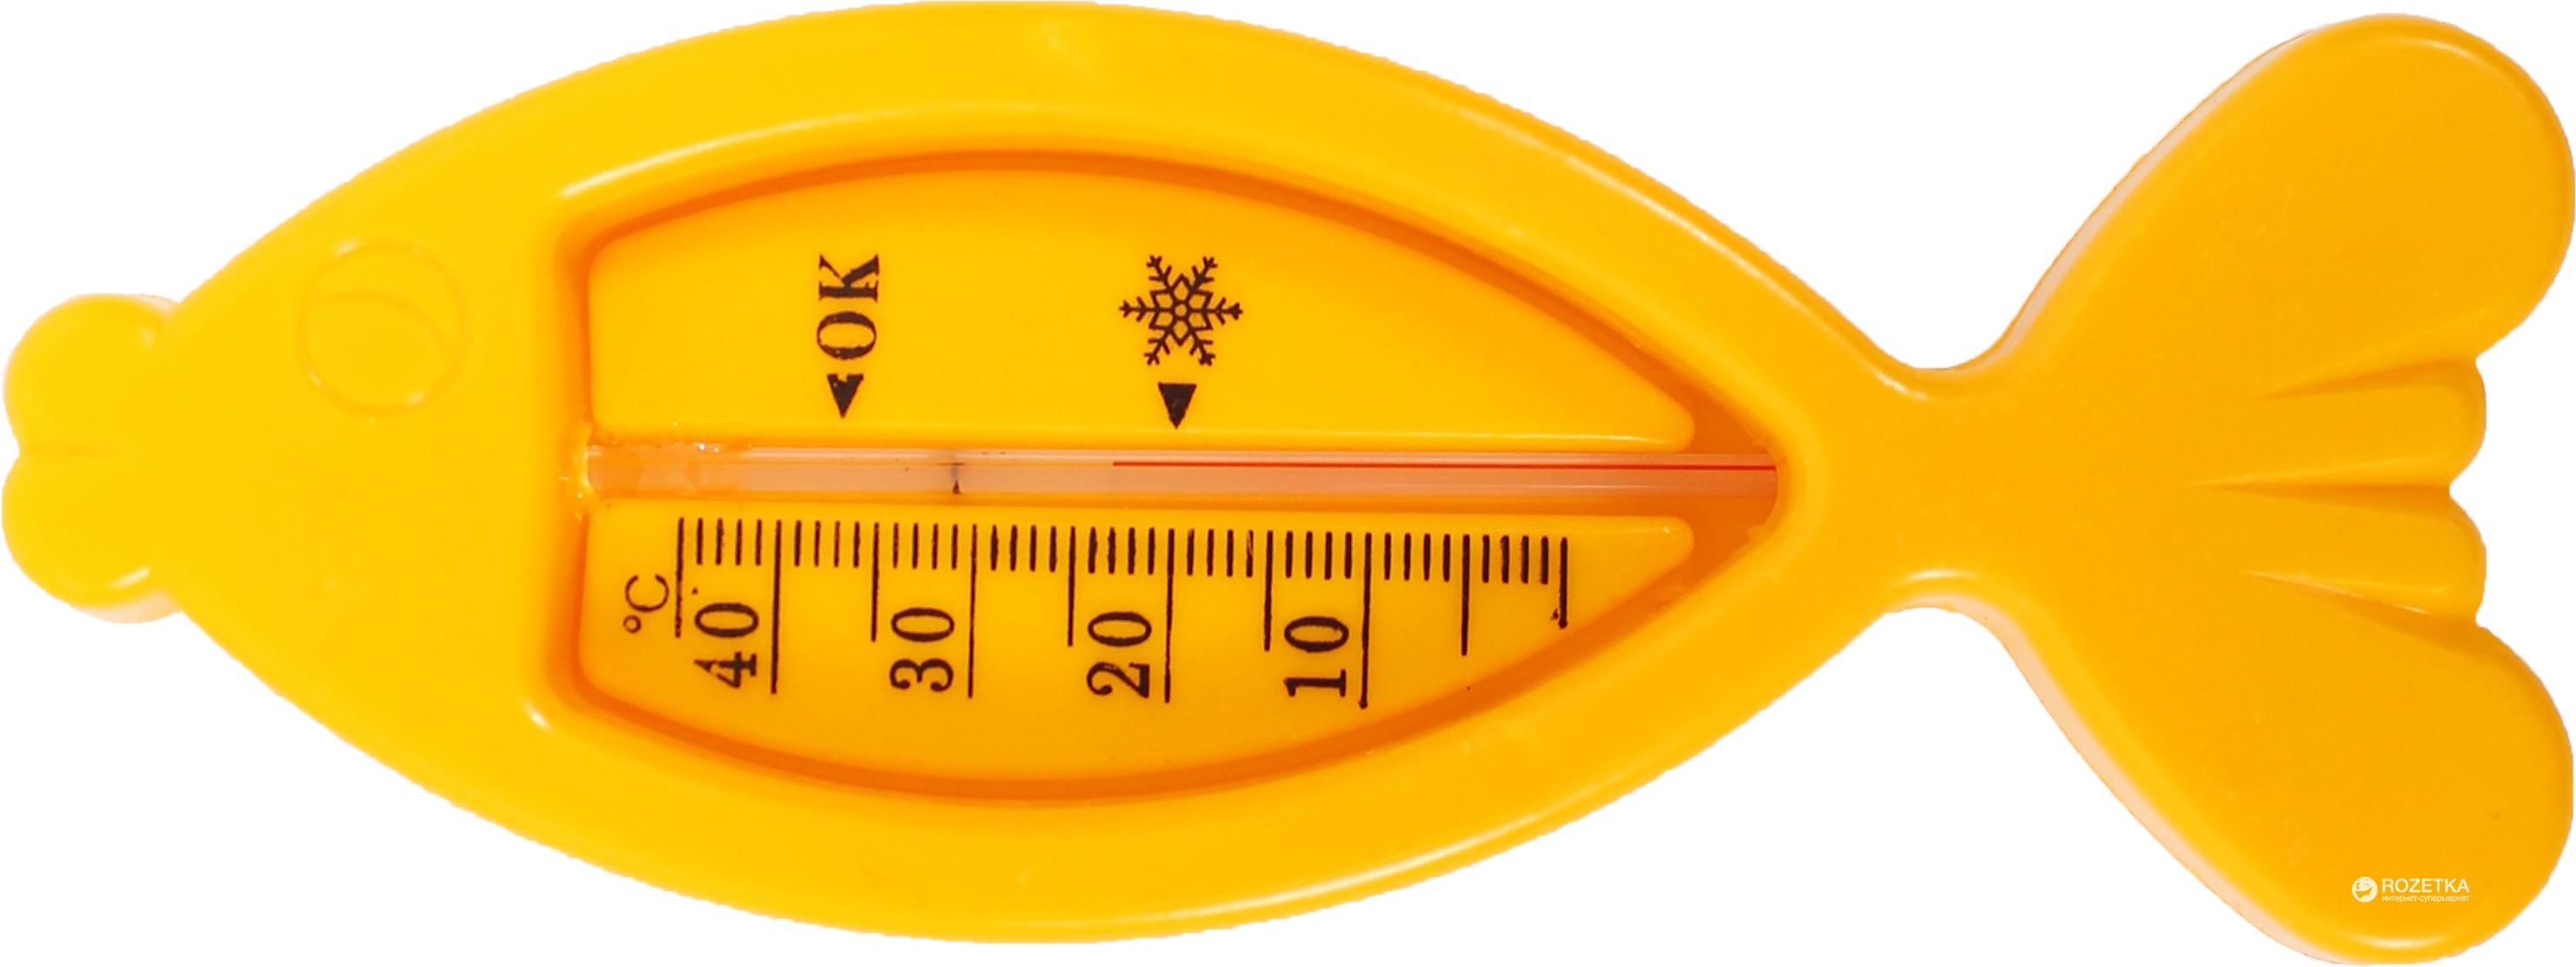 Термометр для воды купить